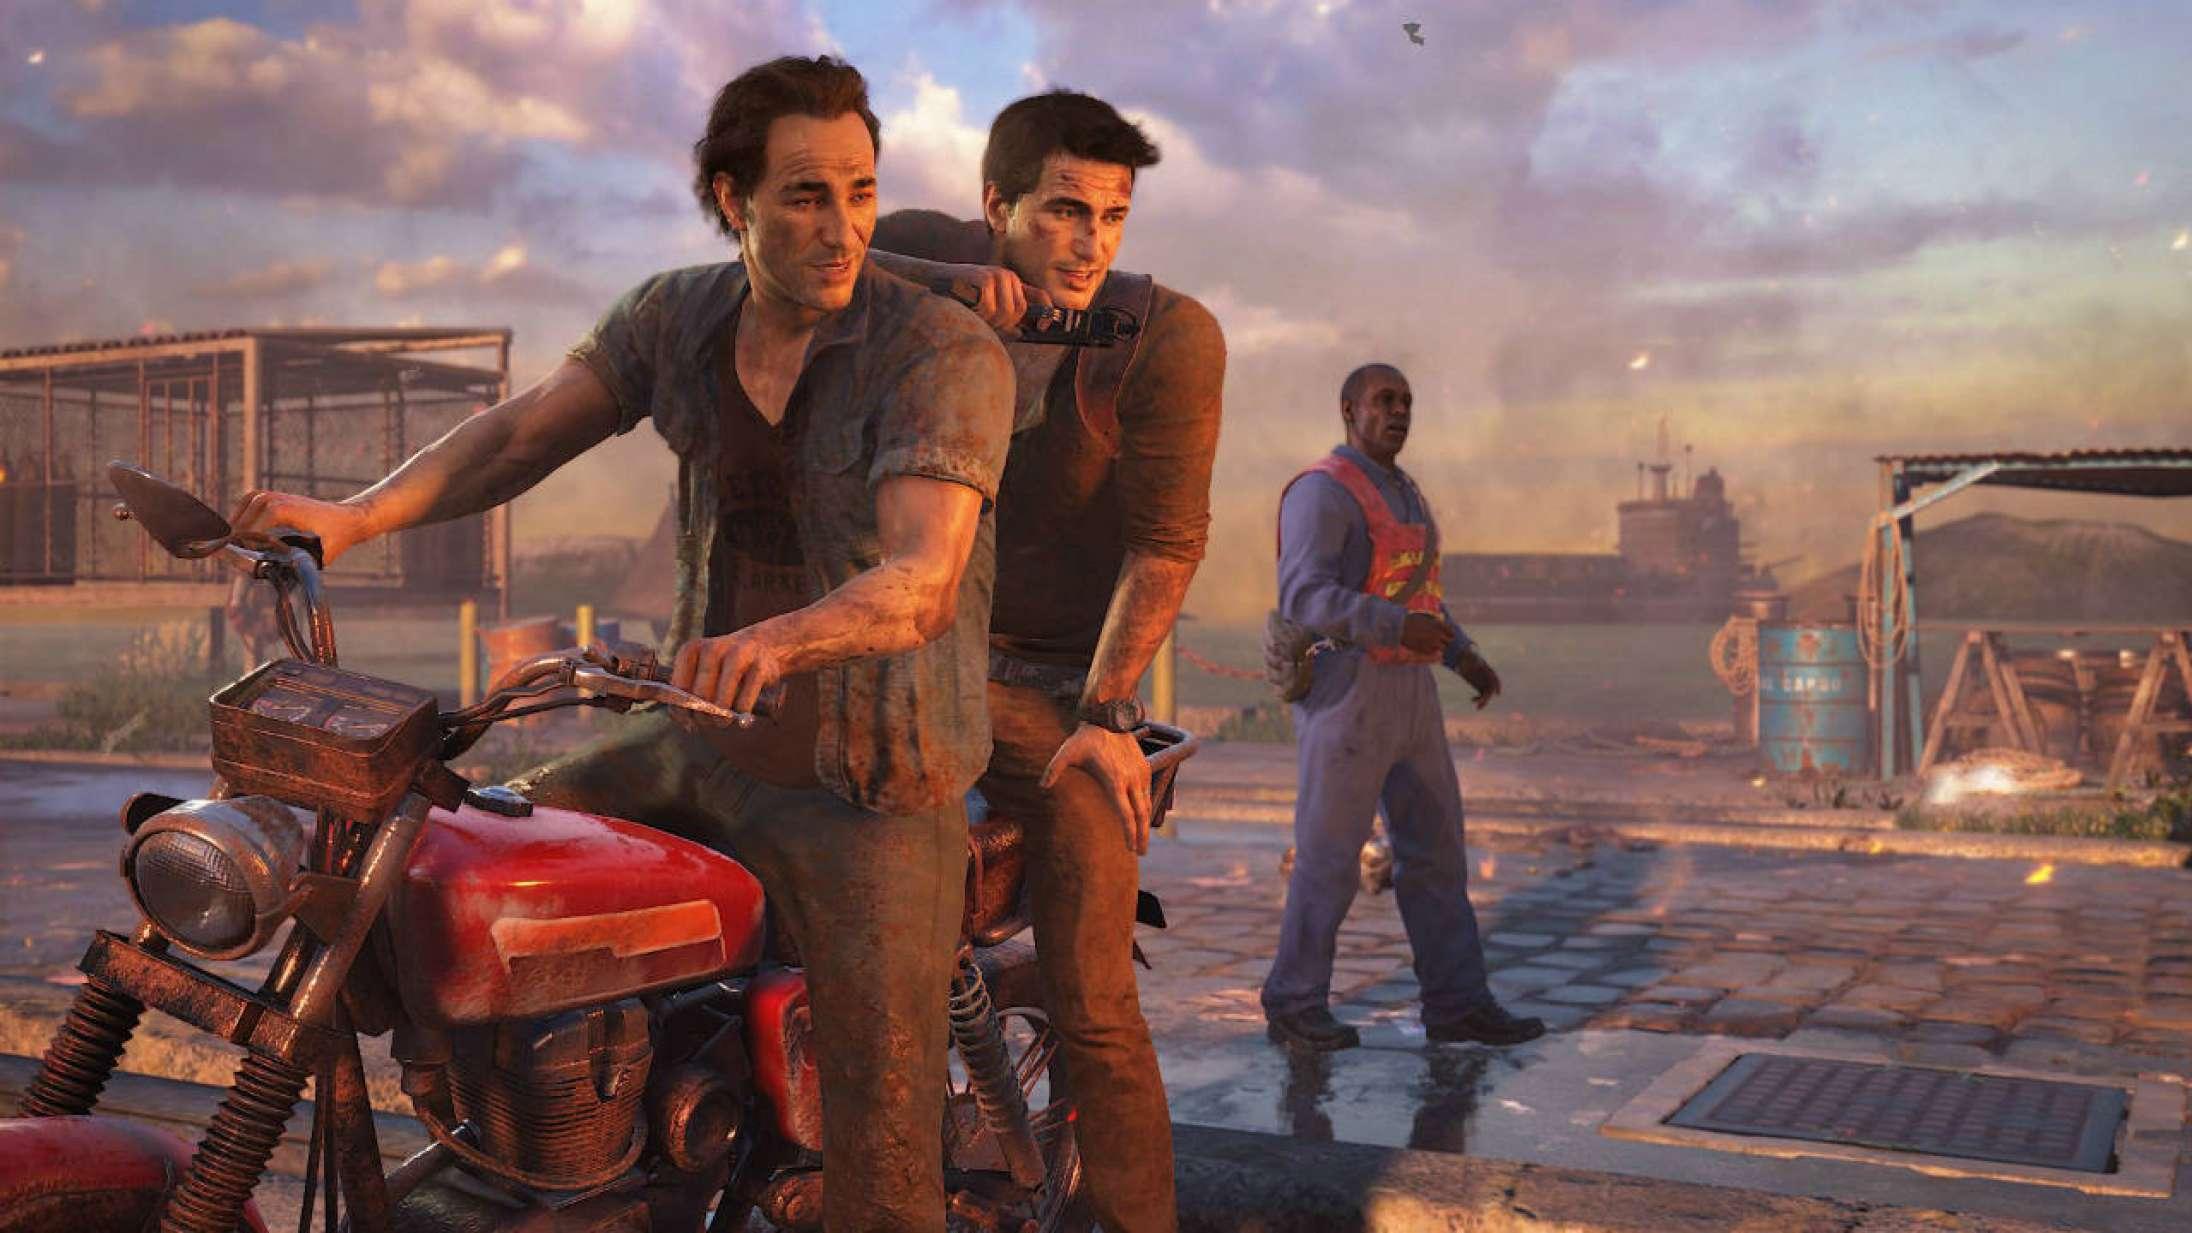 PlayStation afslører: 'Uncharted 4: A Thief's End' kommer til PC